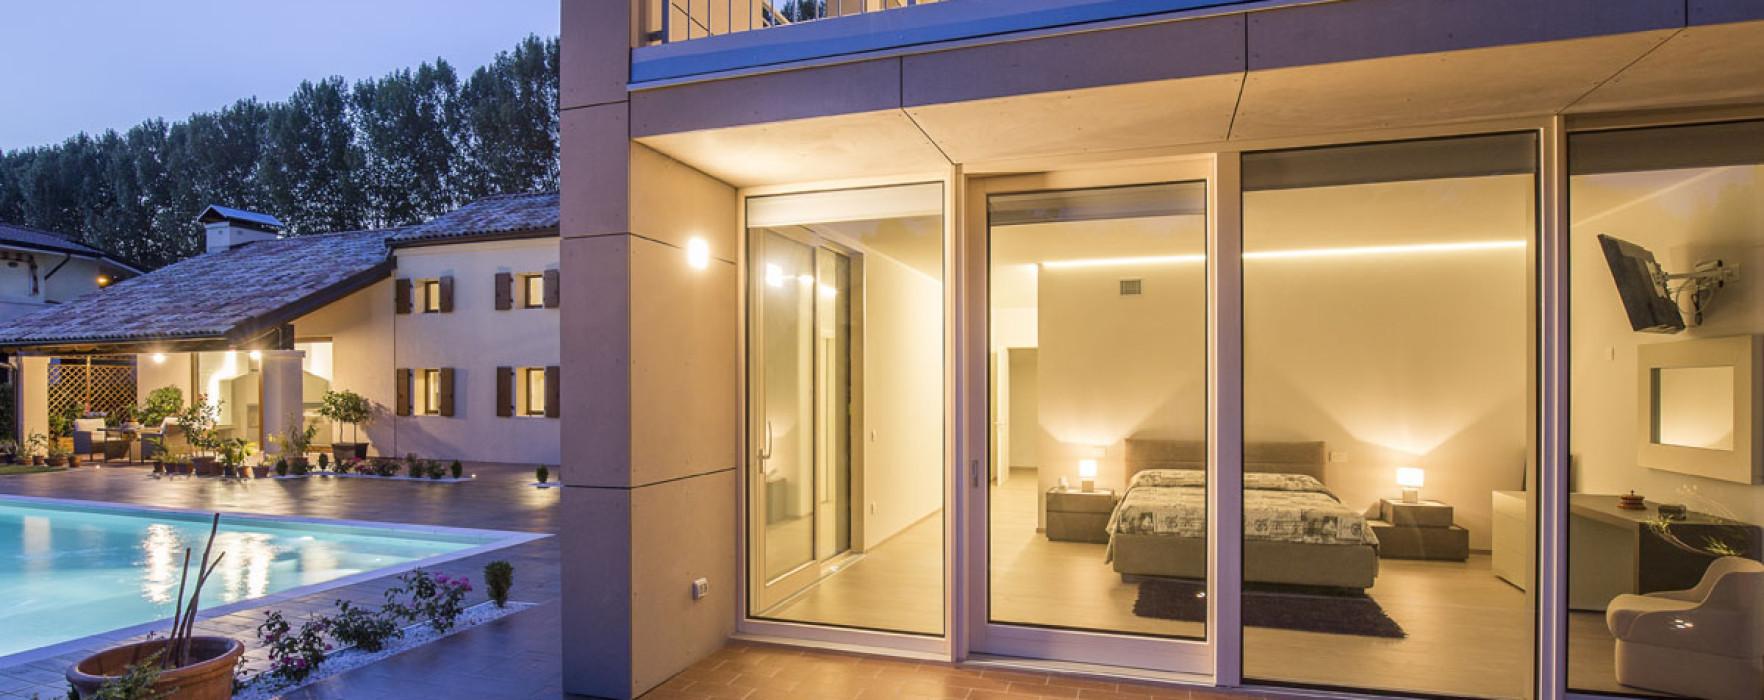 Interni Moderno Interni Case Prefabbricate In Legno.Case Prefabbricate In Legno Moderne I Progetti Del Futuro Sono